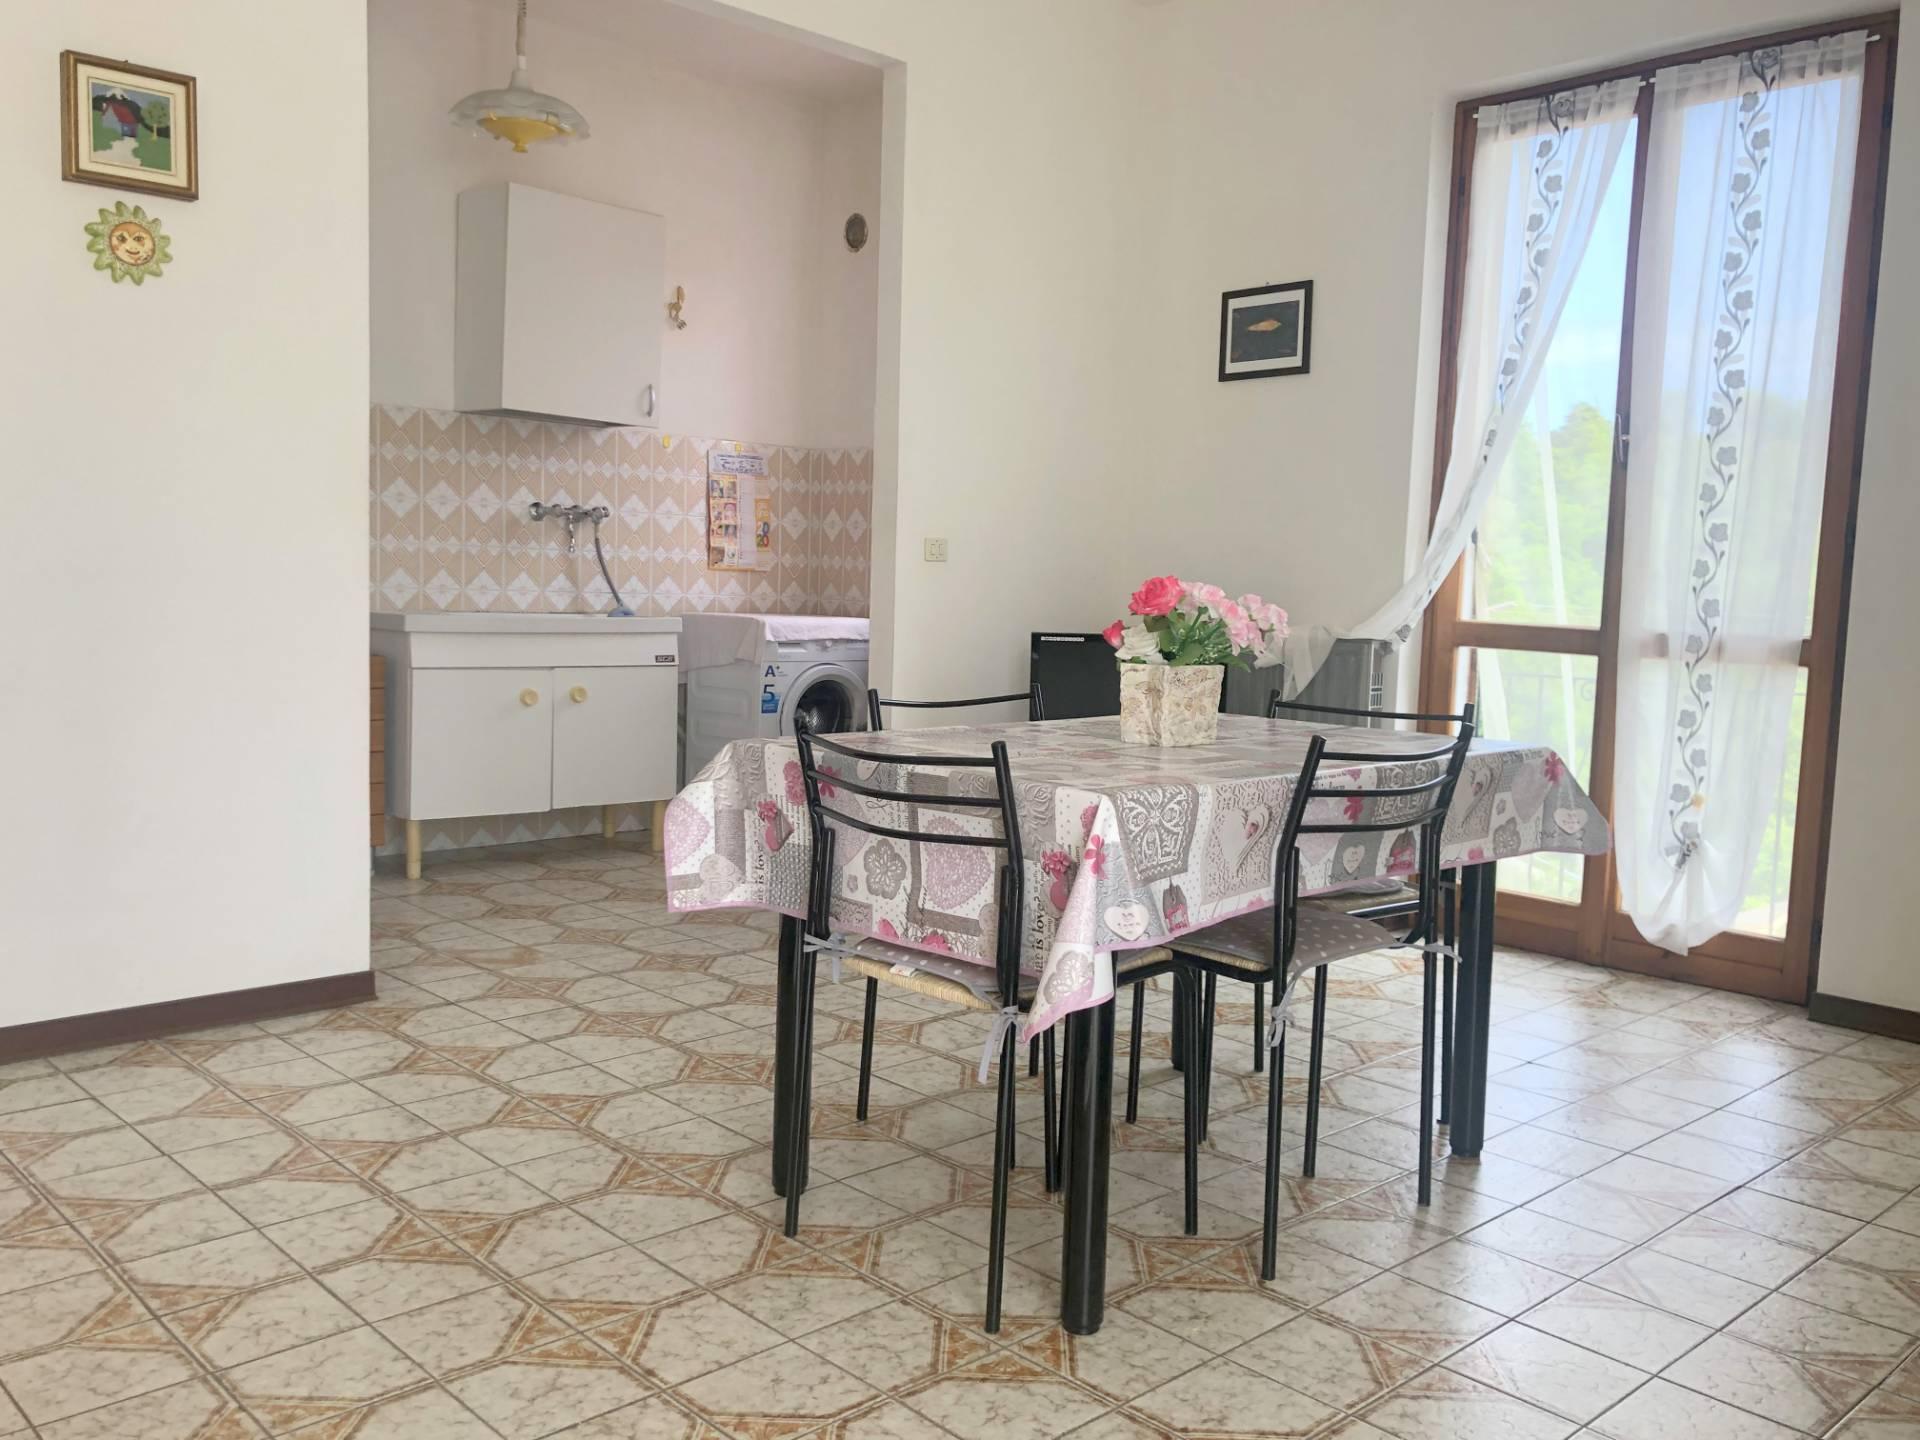 Appartamento in vendita a Giusvalla, 3 locali, prezzo € 42.000 | PortaleAgenzieImmobiliari.it